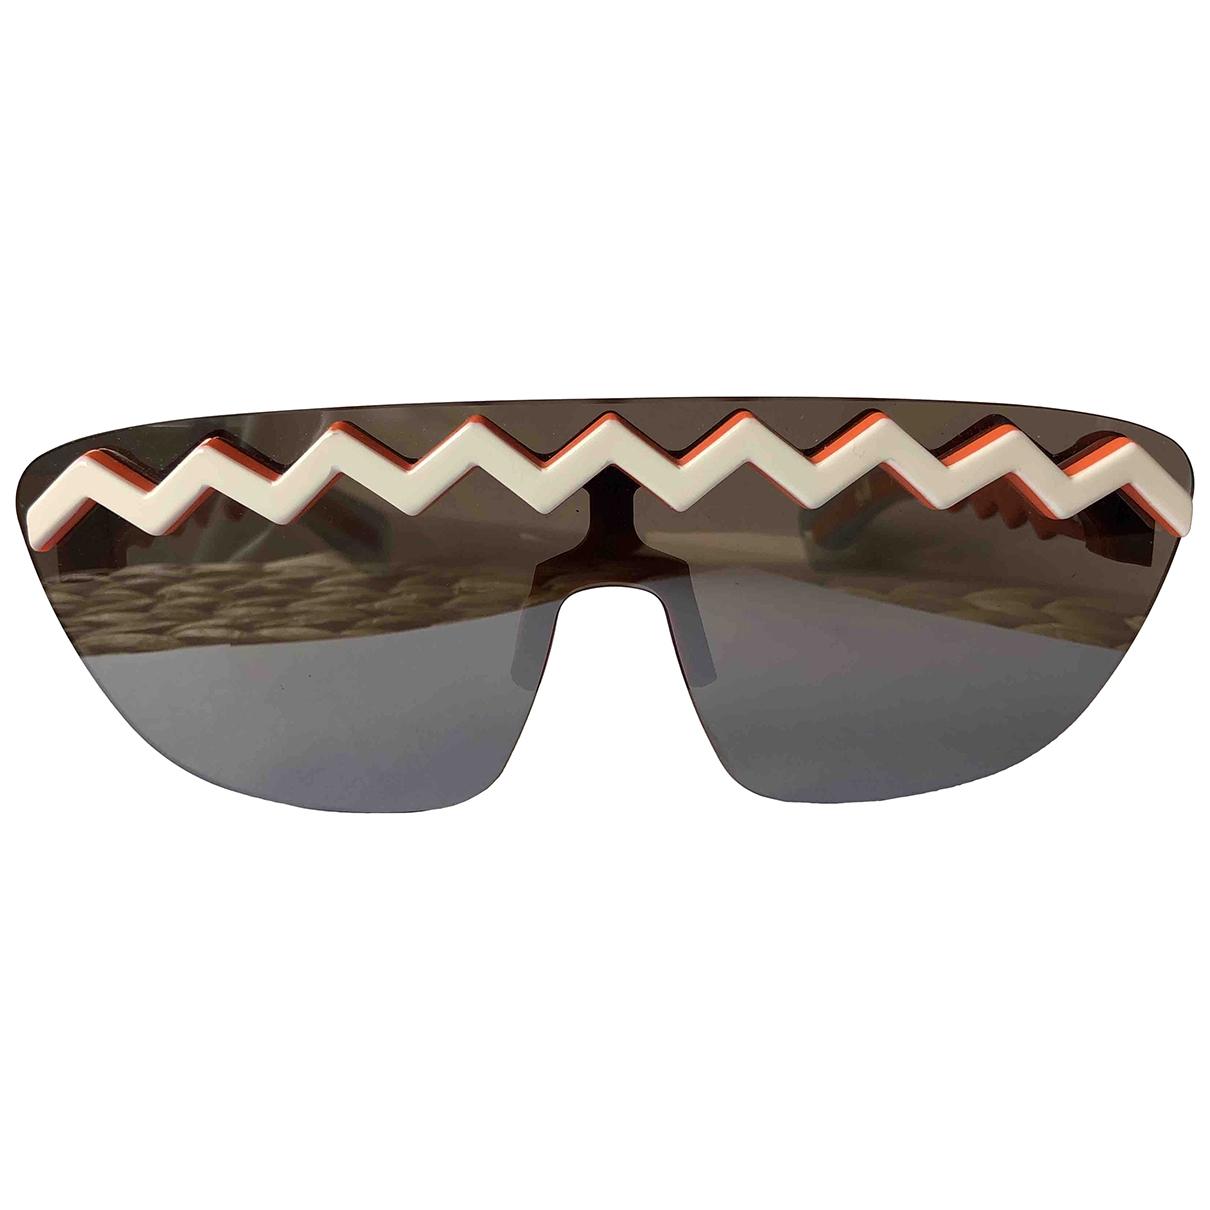 Gafas Kenzo X H&m